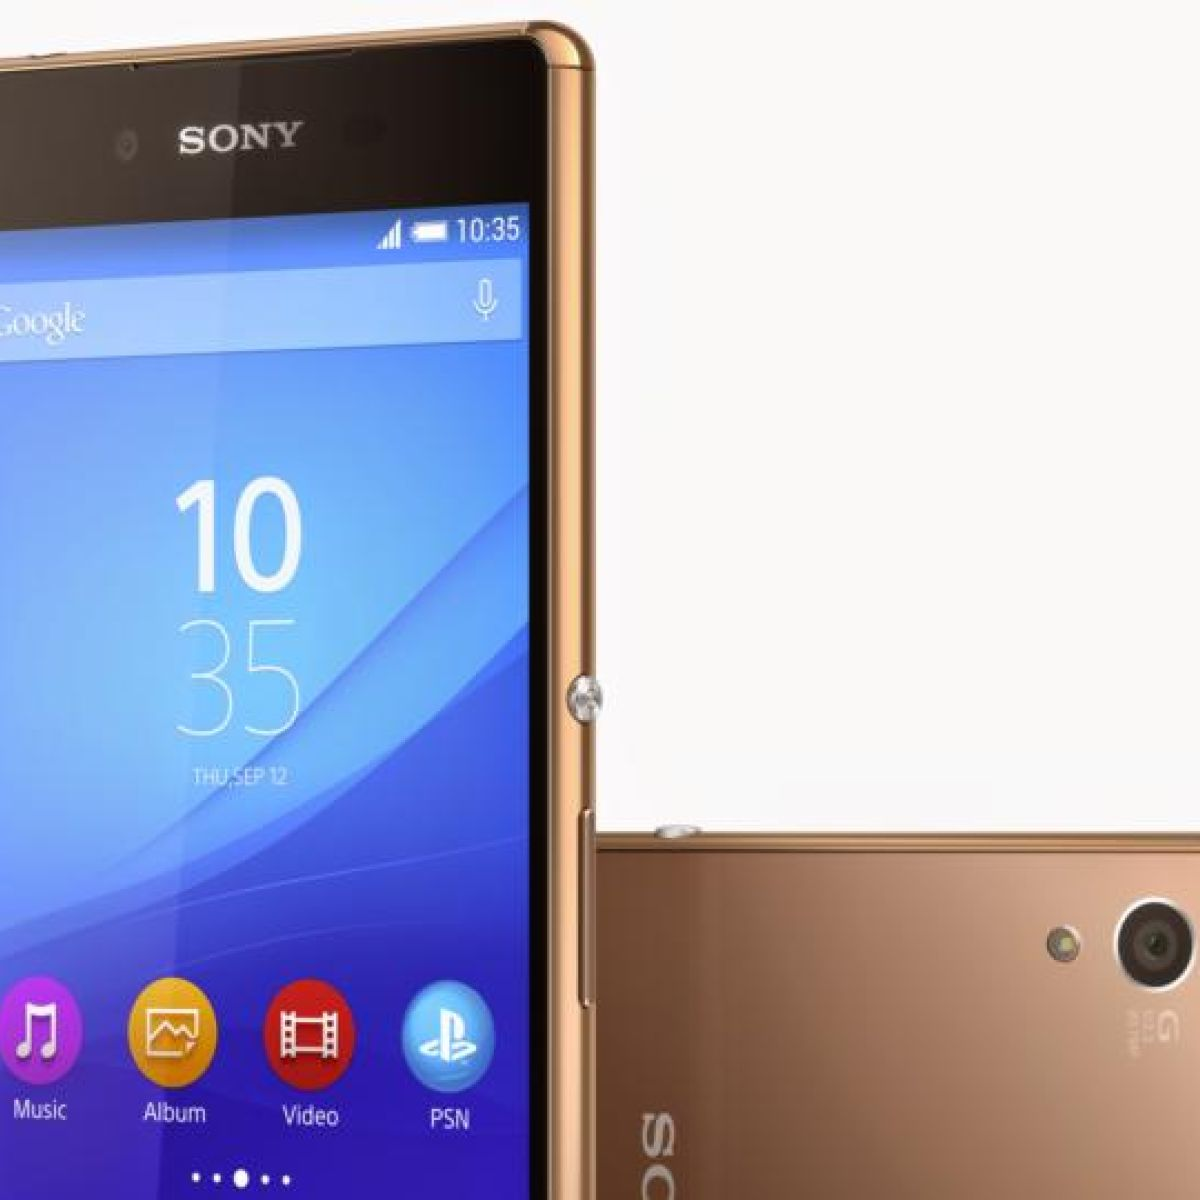 Sony Xperia Z3+ Price: TBC